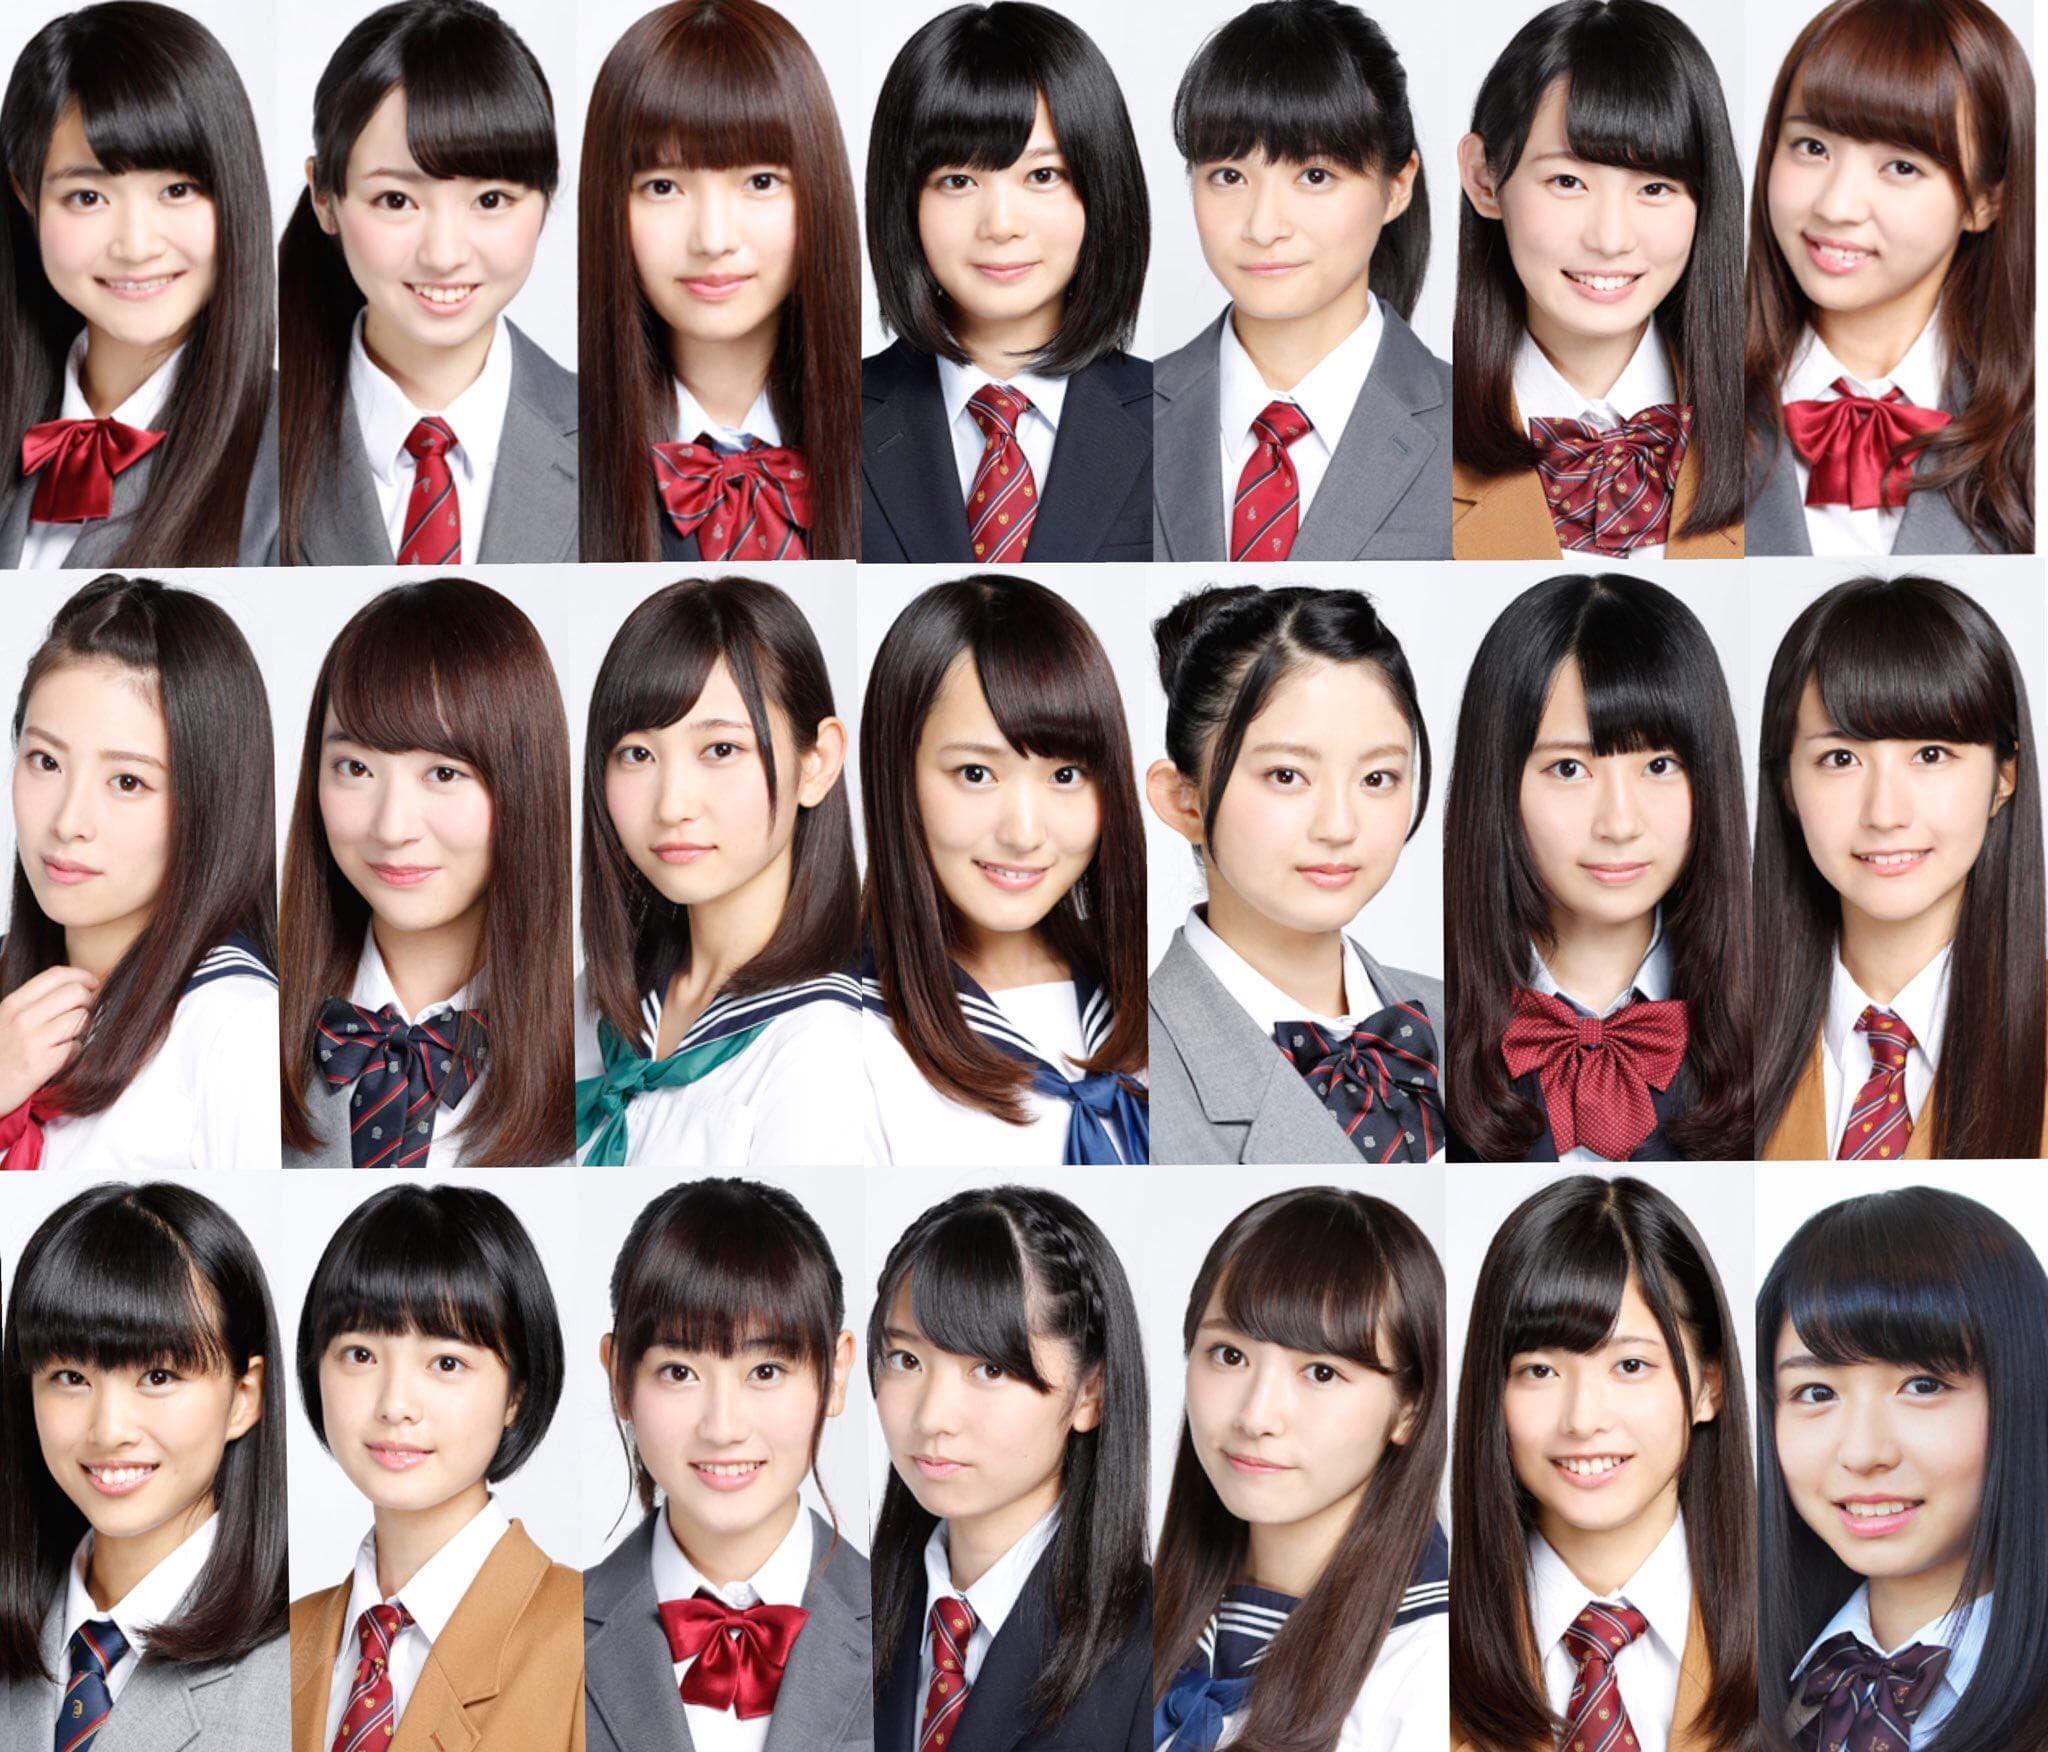 Keyakizaka46] Summary of Keyakizaka46 members 1st photos ...